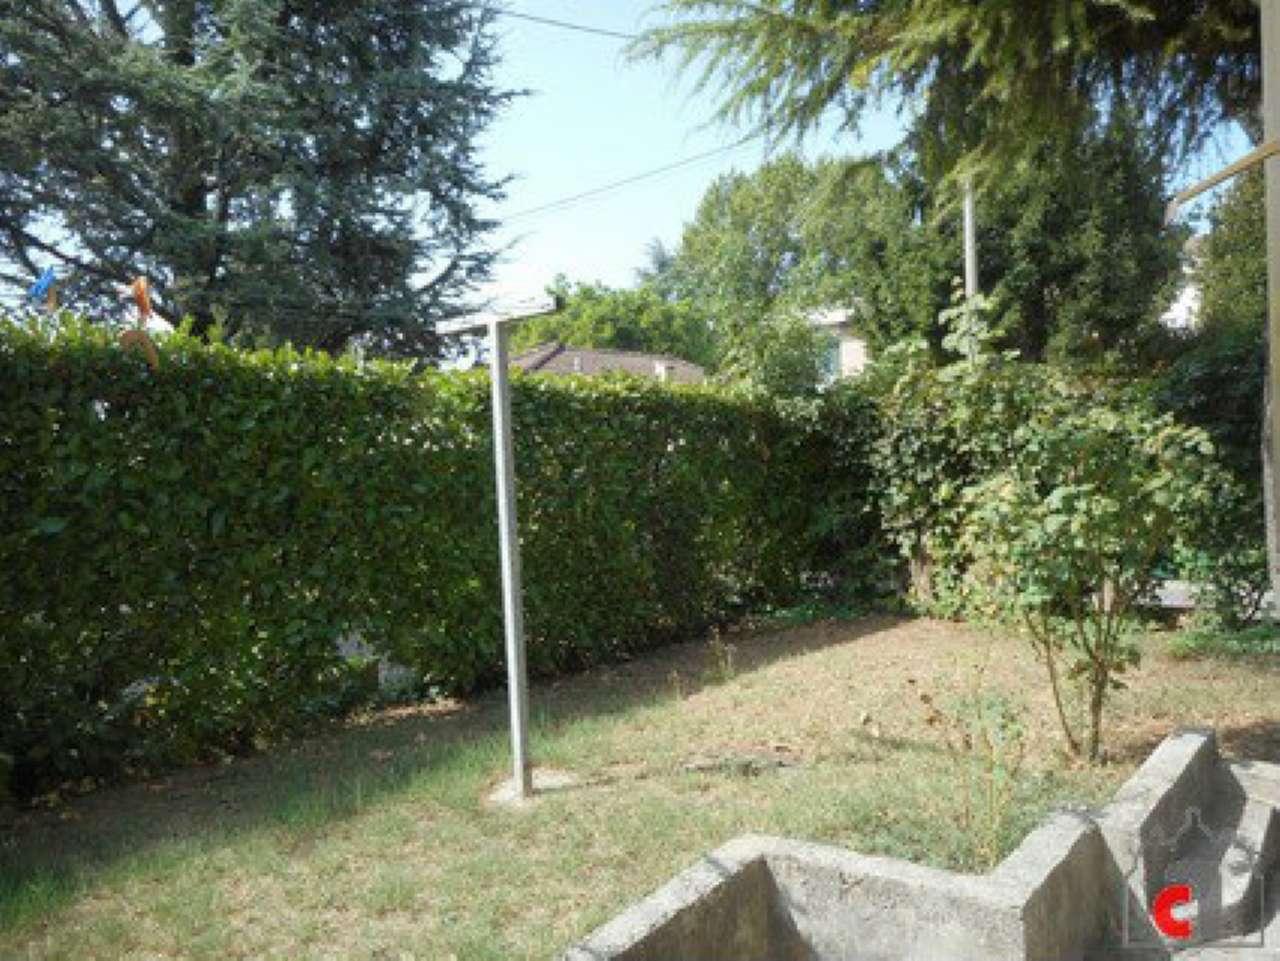 Soluzione Indipendente in vendita a Padova, 4 locali, zona Zona: 3 . Est (Brenta-Venezia, Forcellini-Camin), prezzo € 120.000 | CambioCasa.it